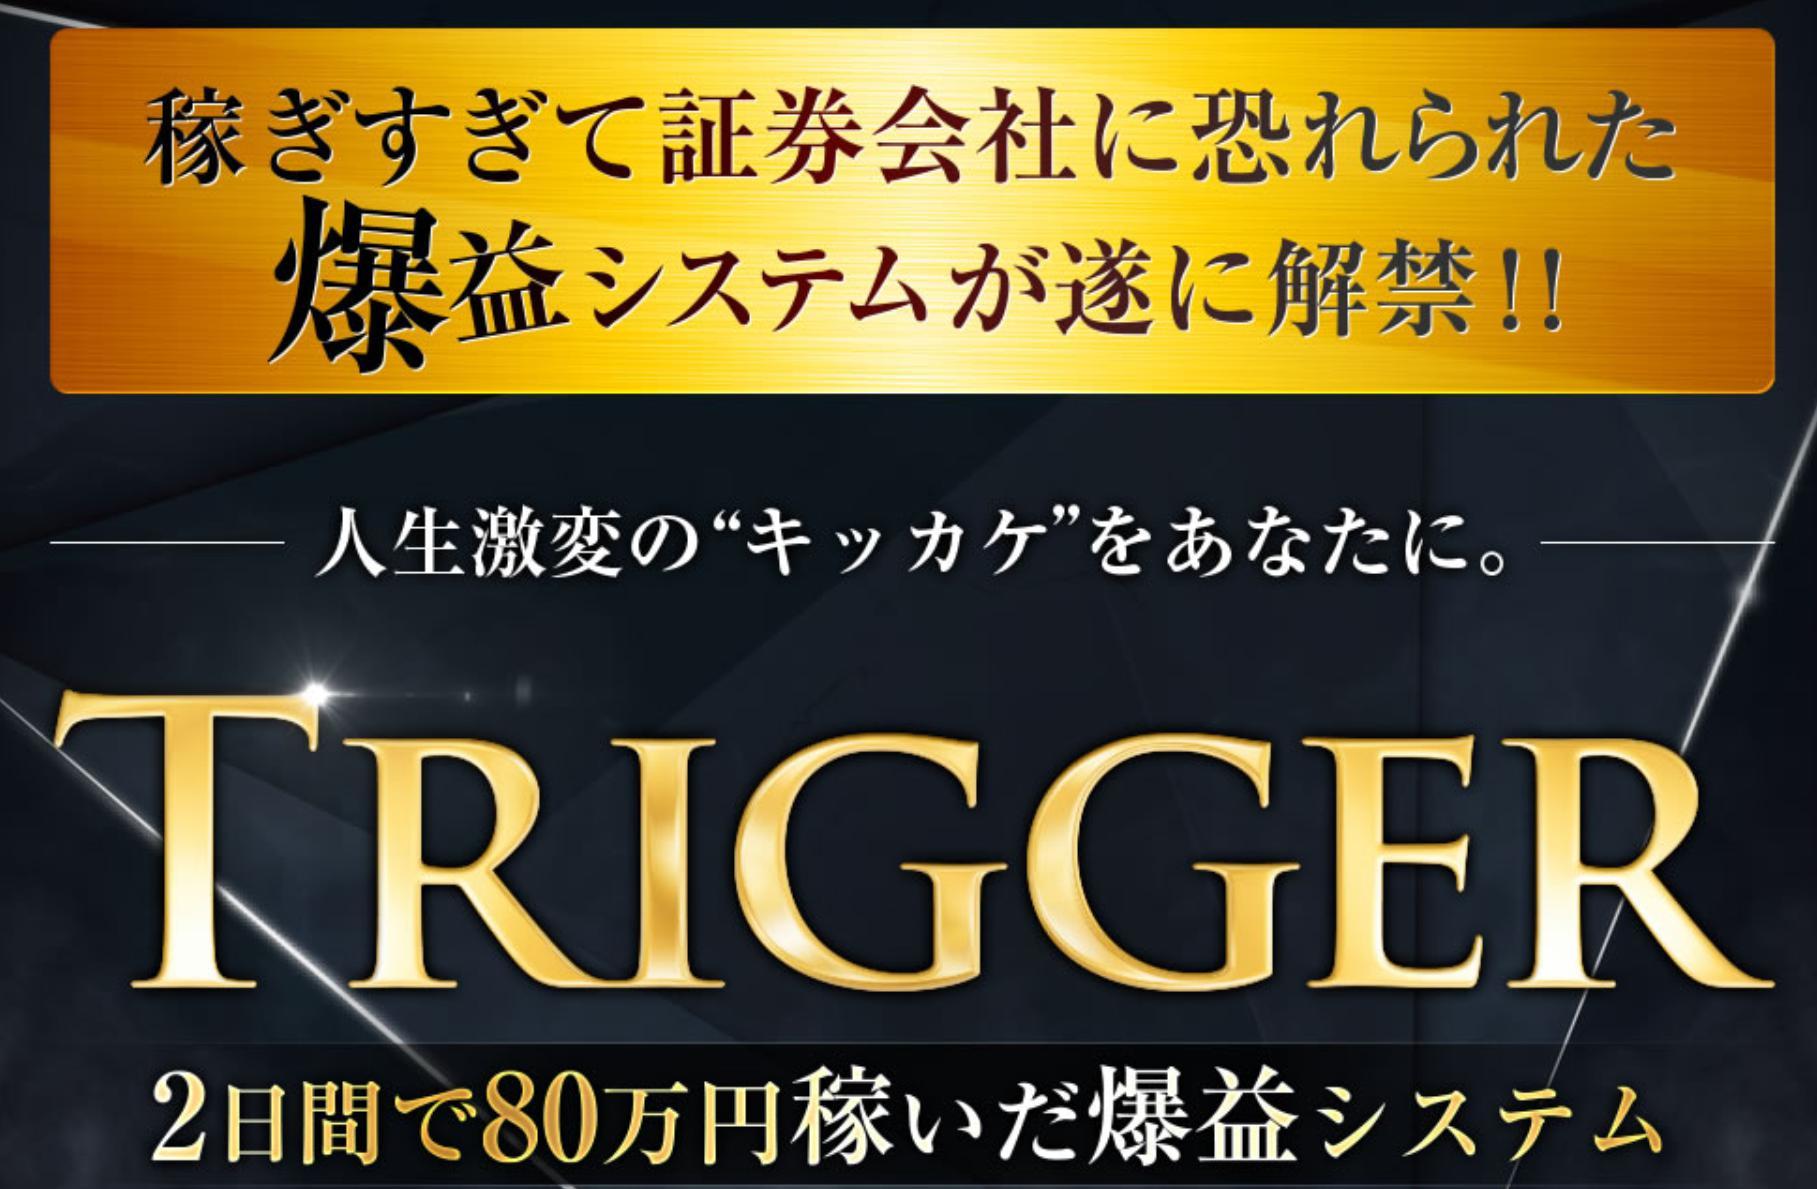 藤原尚輝 トリガーレター